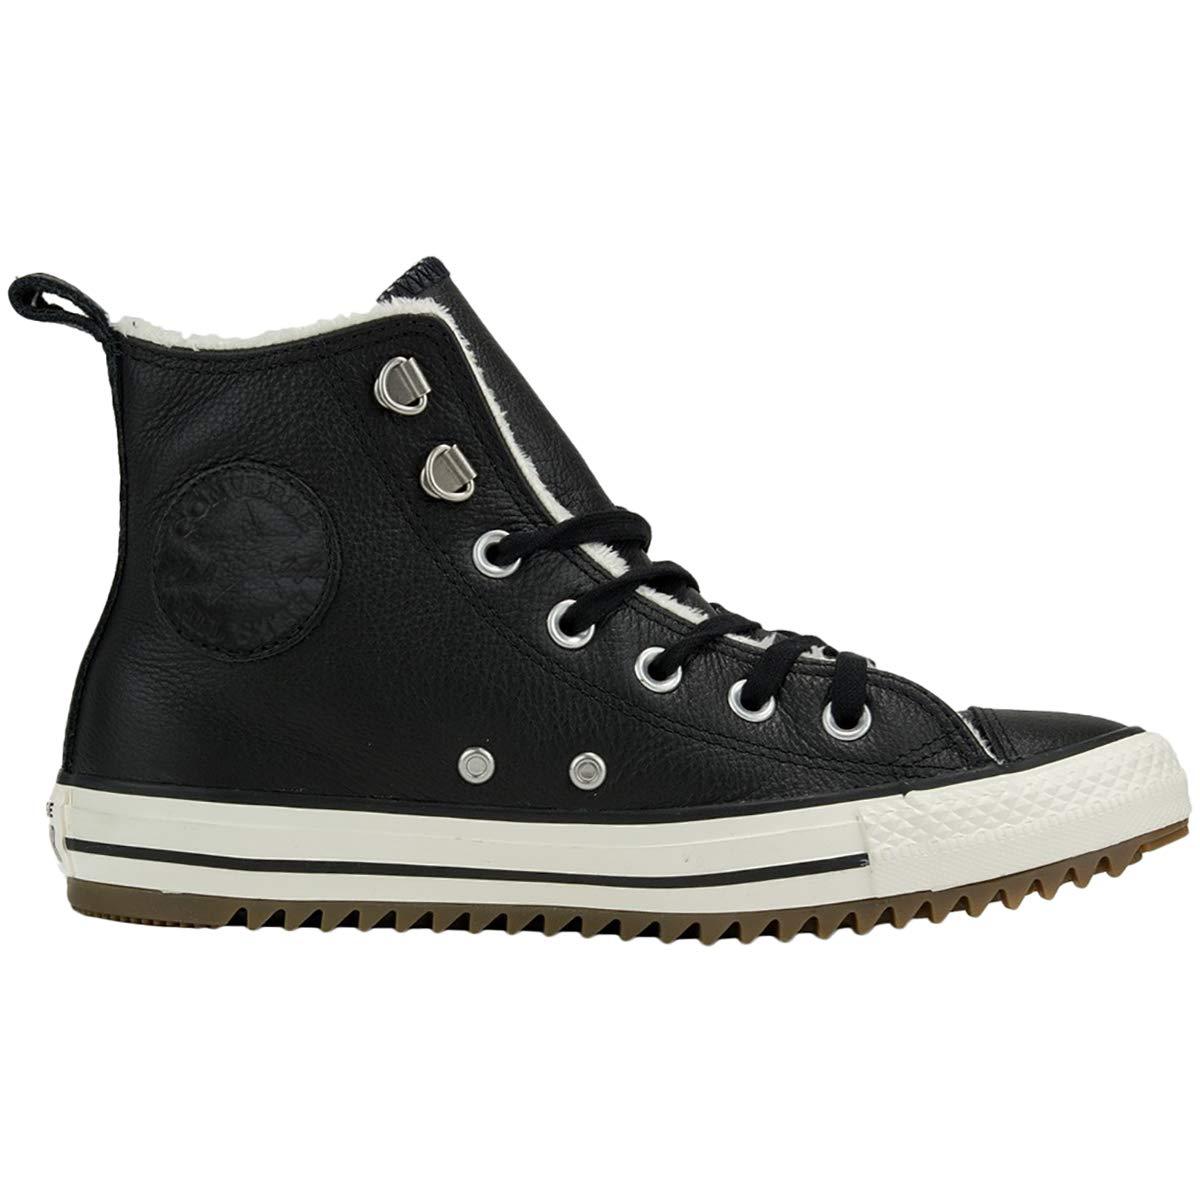 7f9021 chuck taylor all star hiker boot